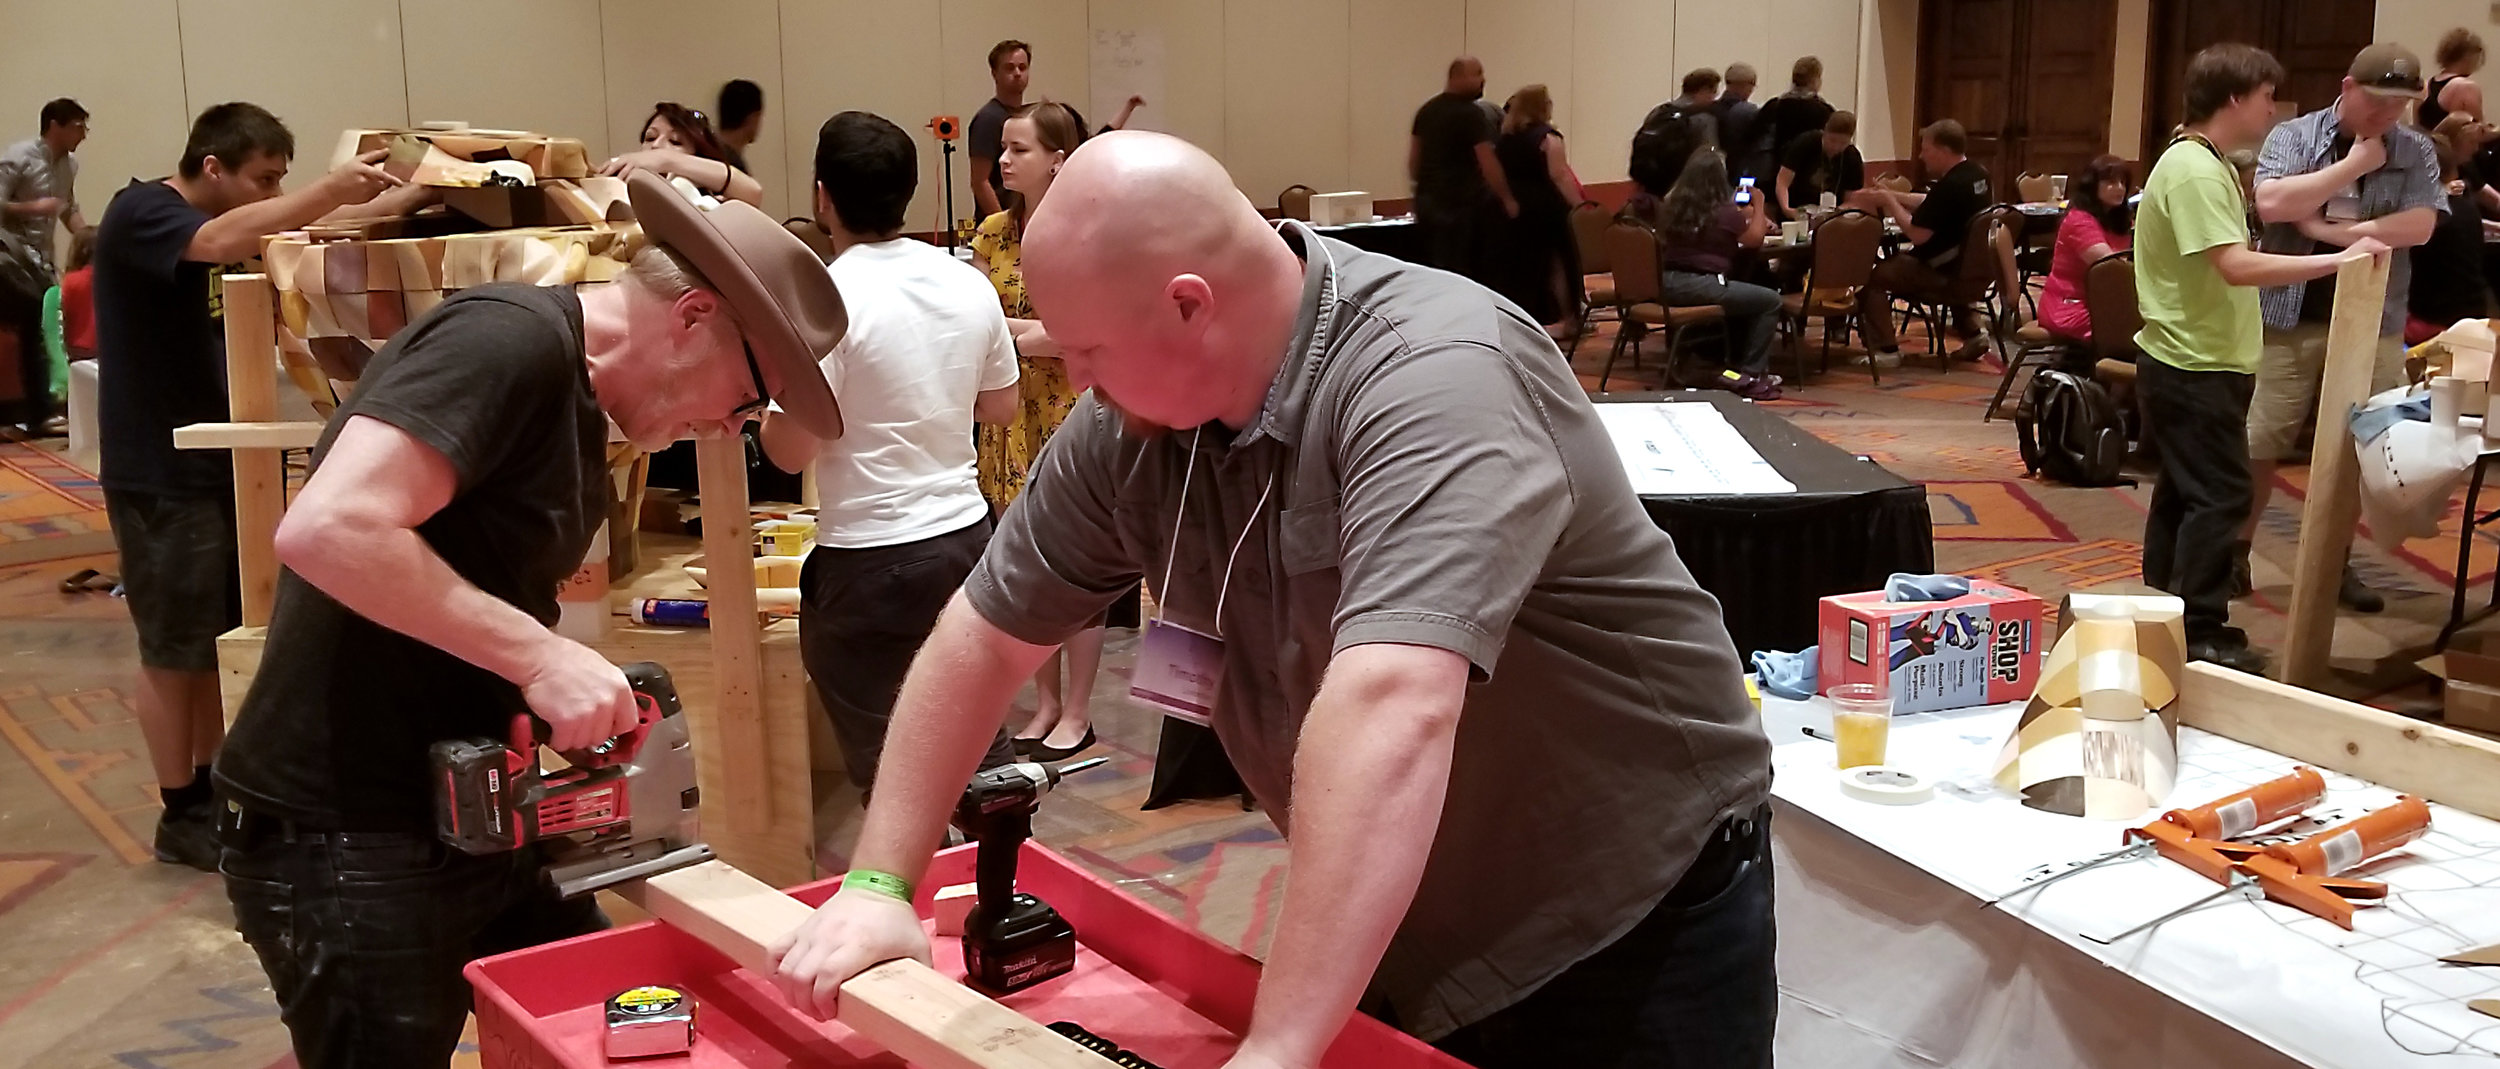 Adam in action Exhibit Hall.jpg